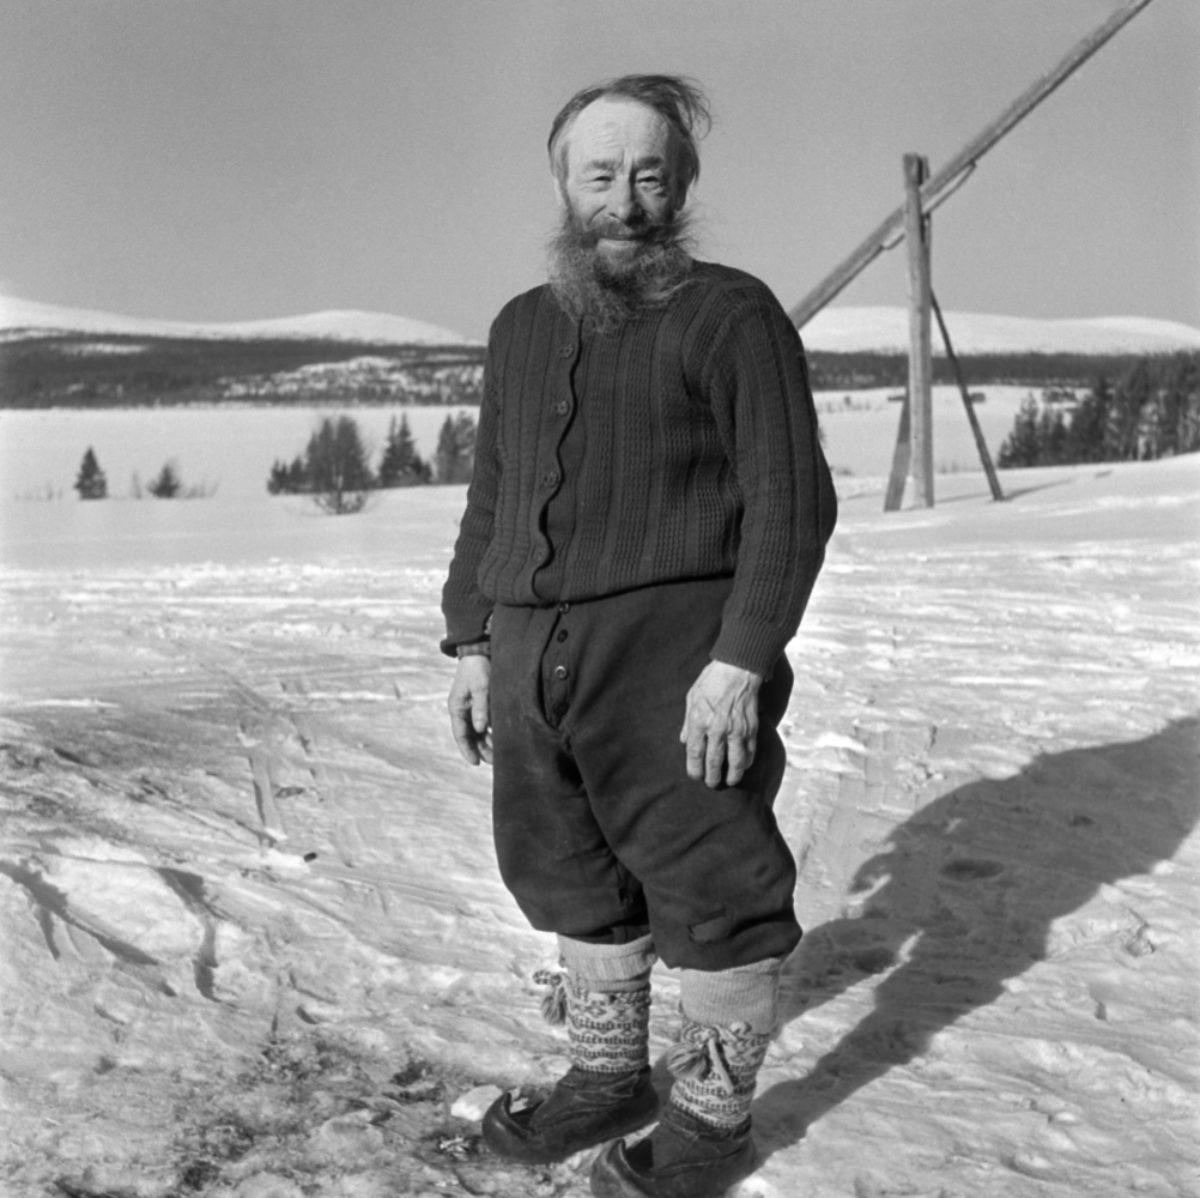 Karhu-Kustu var den sista heltidsjägaren i Äkäslompolo. Foto: UA Saarinen / JOKA / Museiverket